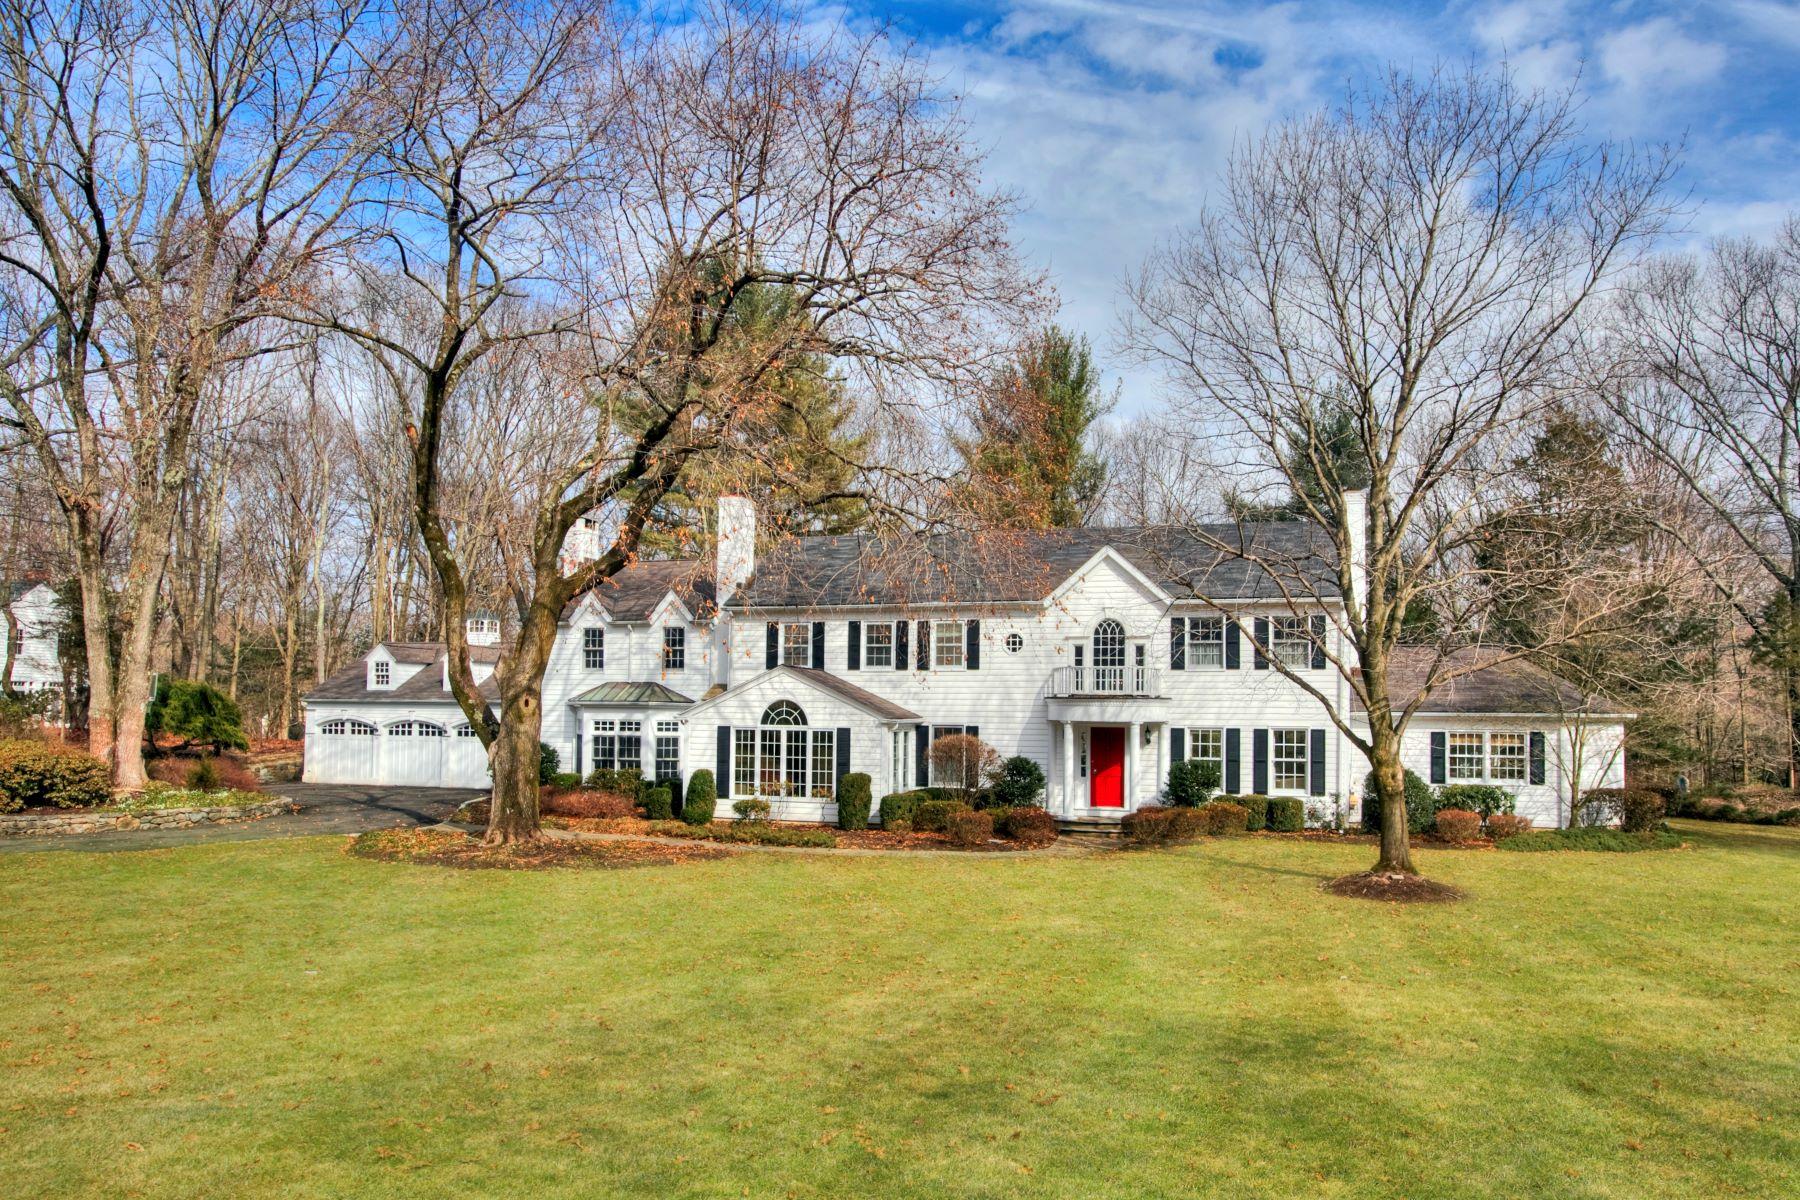 Частный односемейный дом для того Продажа на 67 Fable Farm Road New Canaan, Коннектикут, 06840 Соединенные Штаты